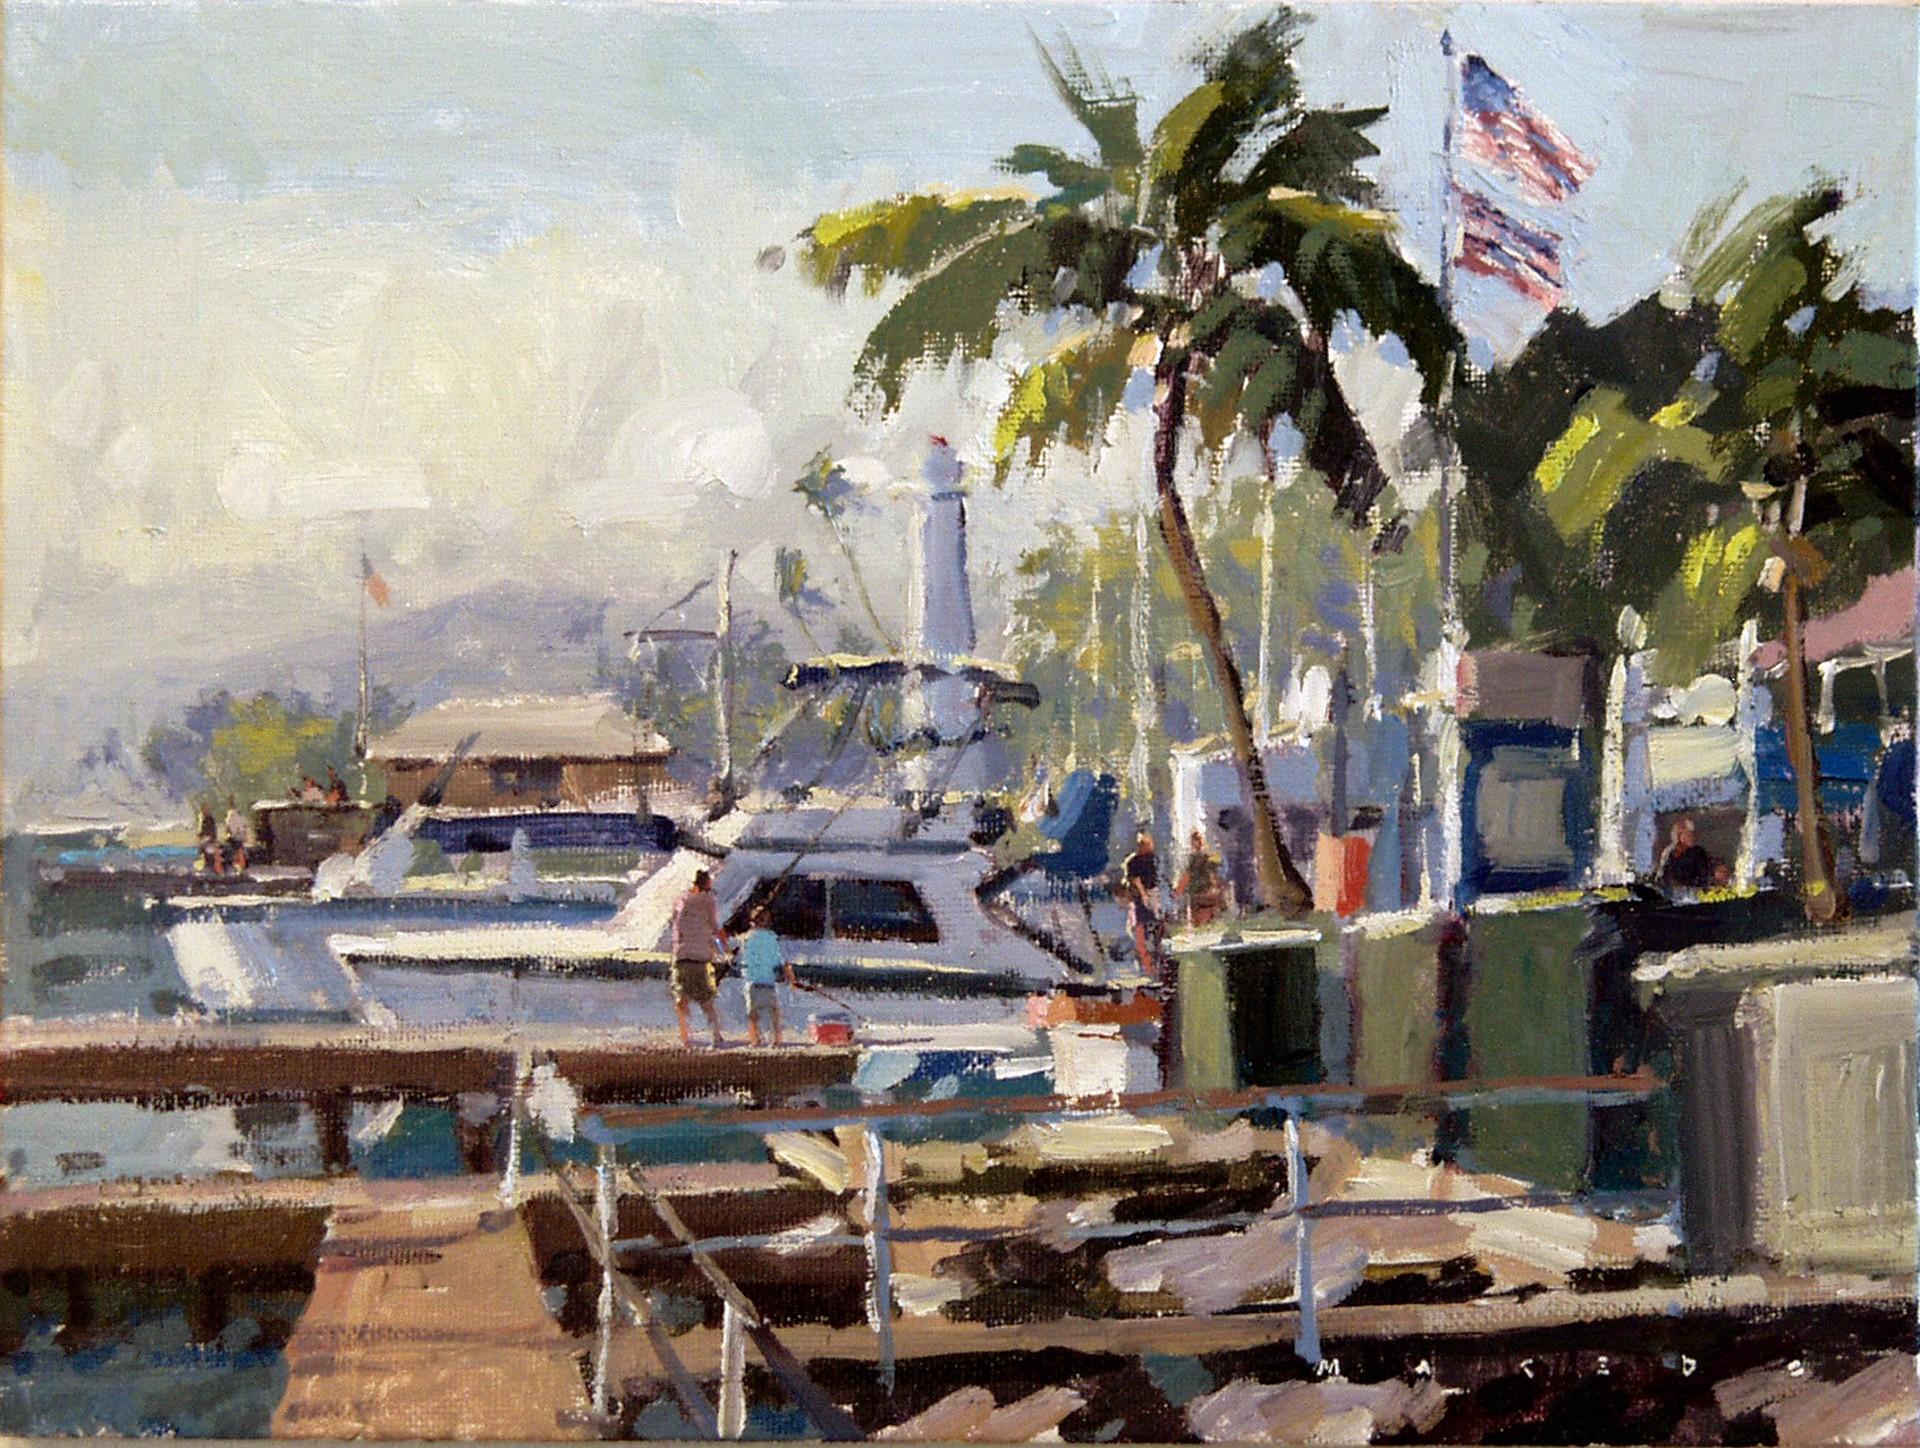 Lahaina Docks by Ronaldo Macedo